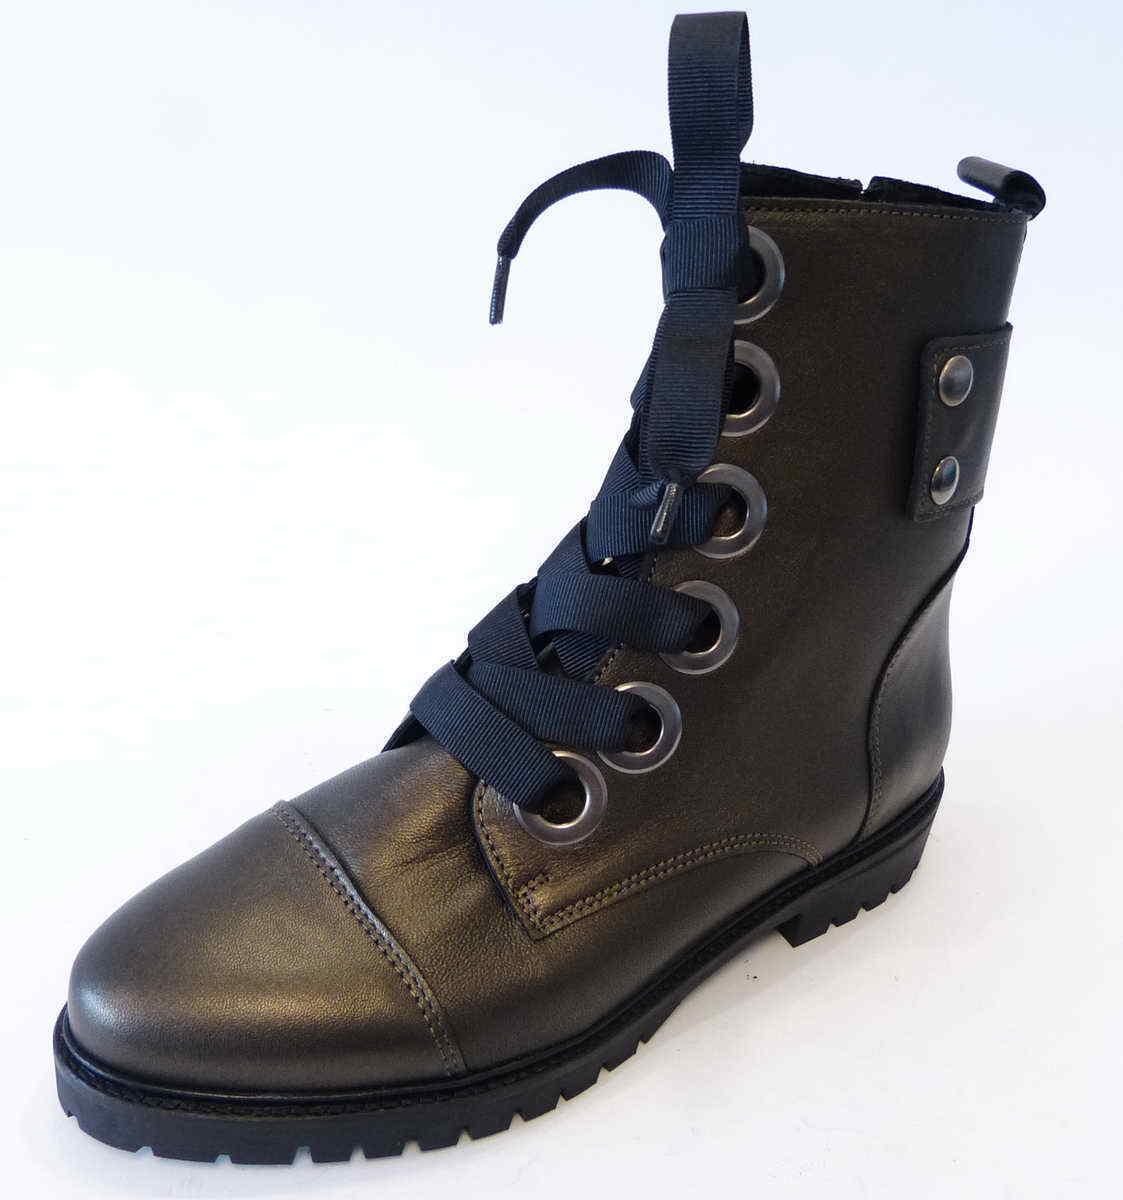 Tango bota Bee metalizado bronce cuero diseñada con cordones botas 77a 91